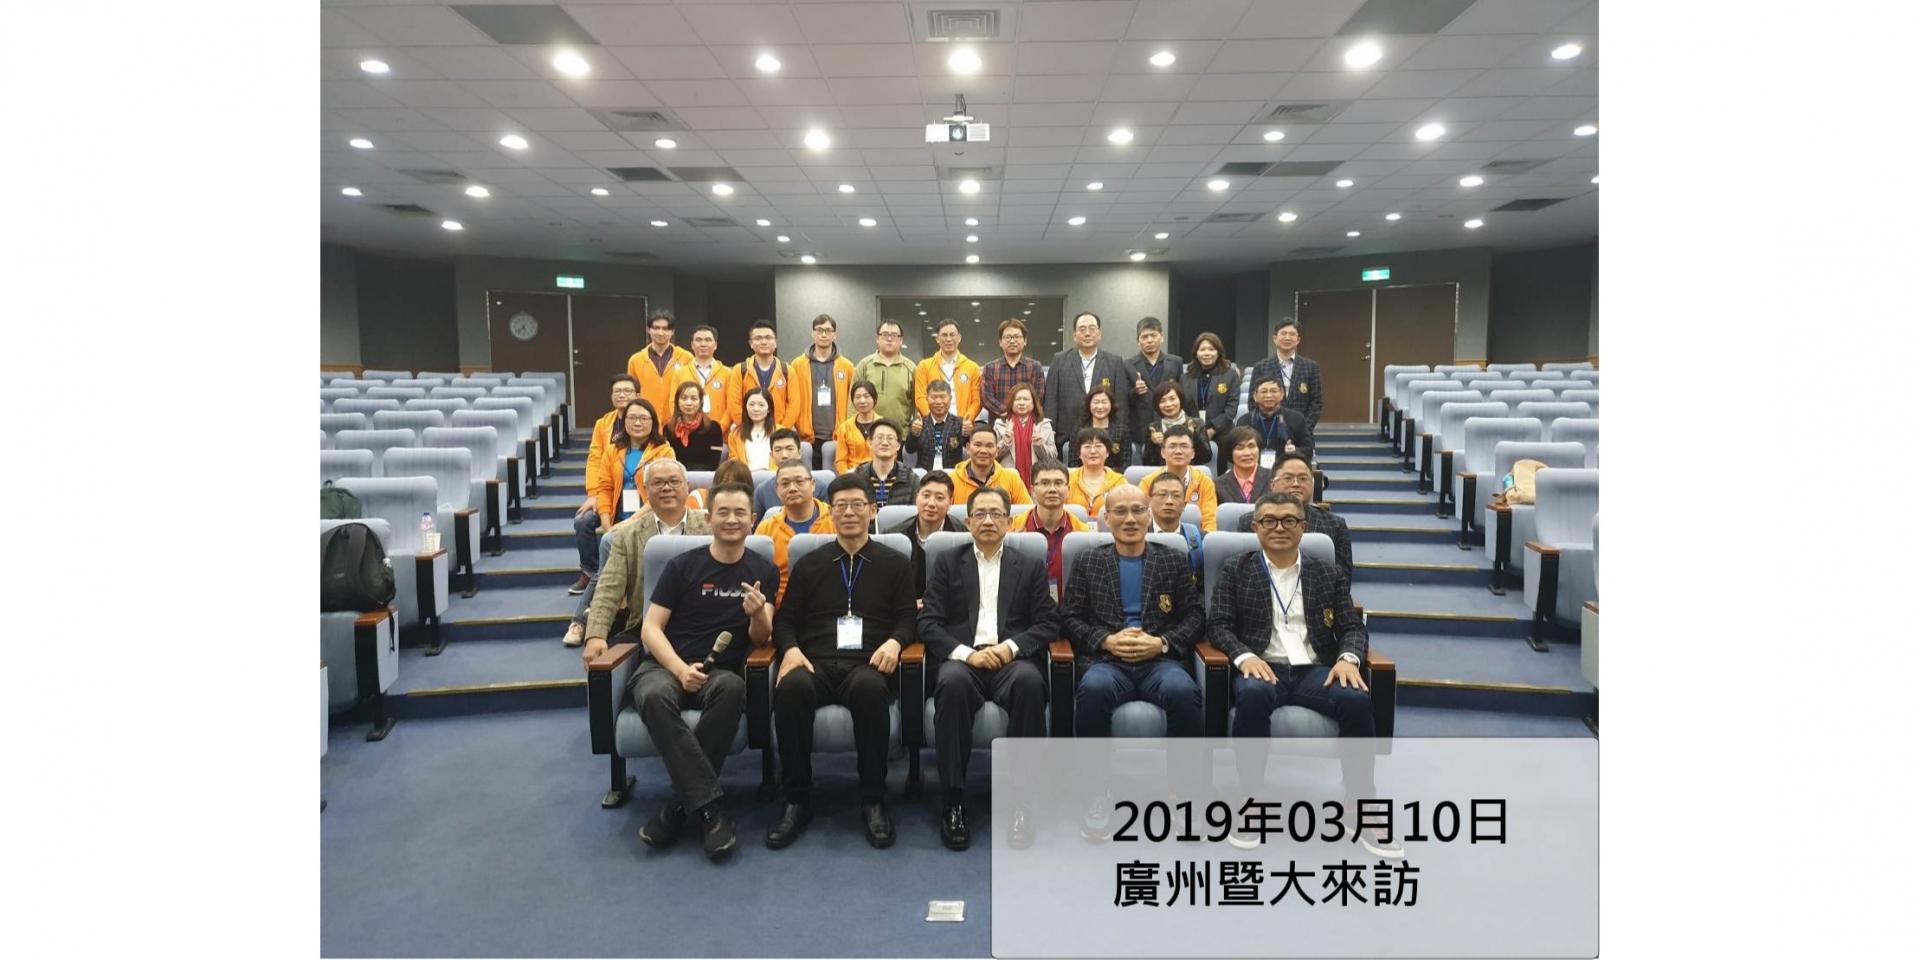 20190310廣州暨大來訪